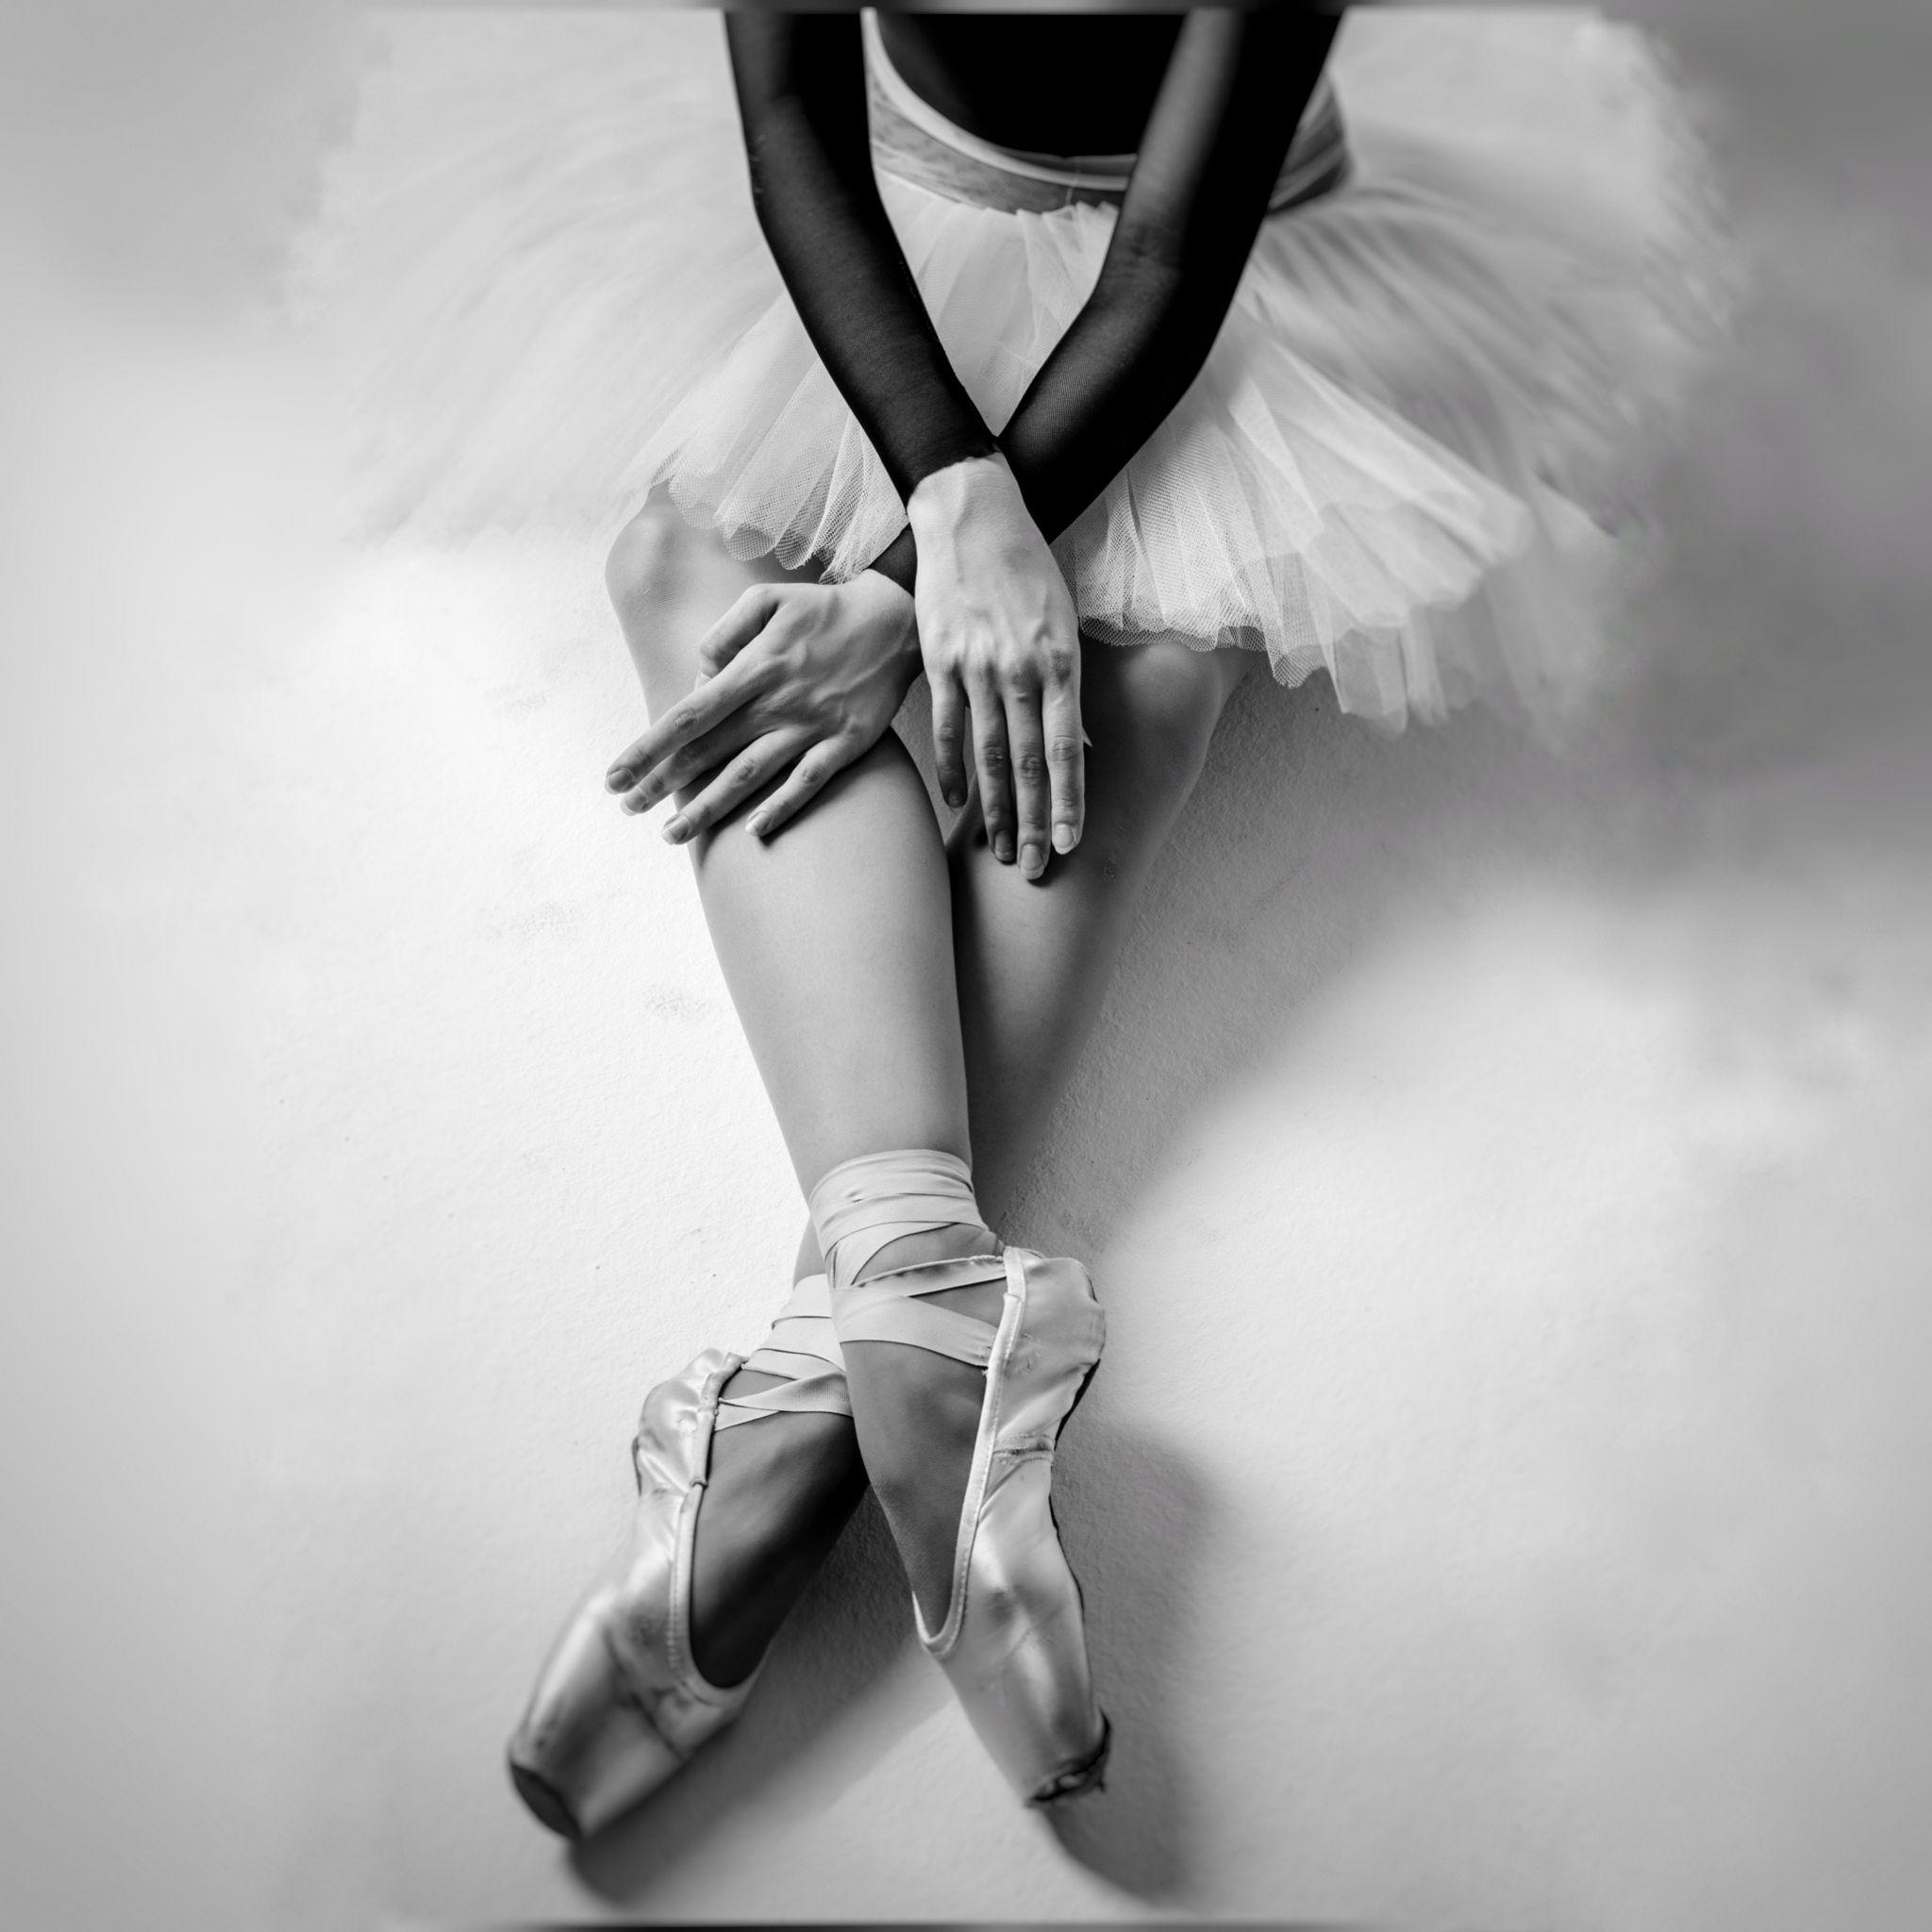 кусты балерина фотосессия идеи является